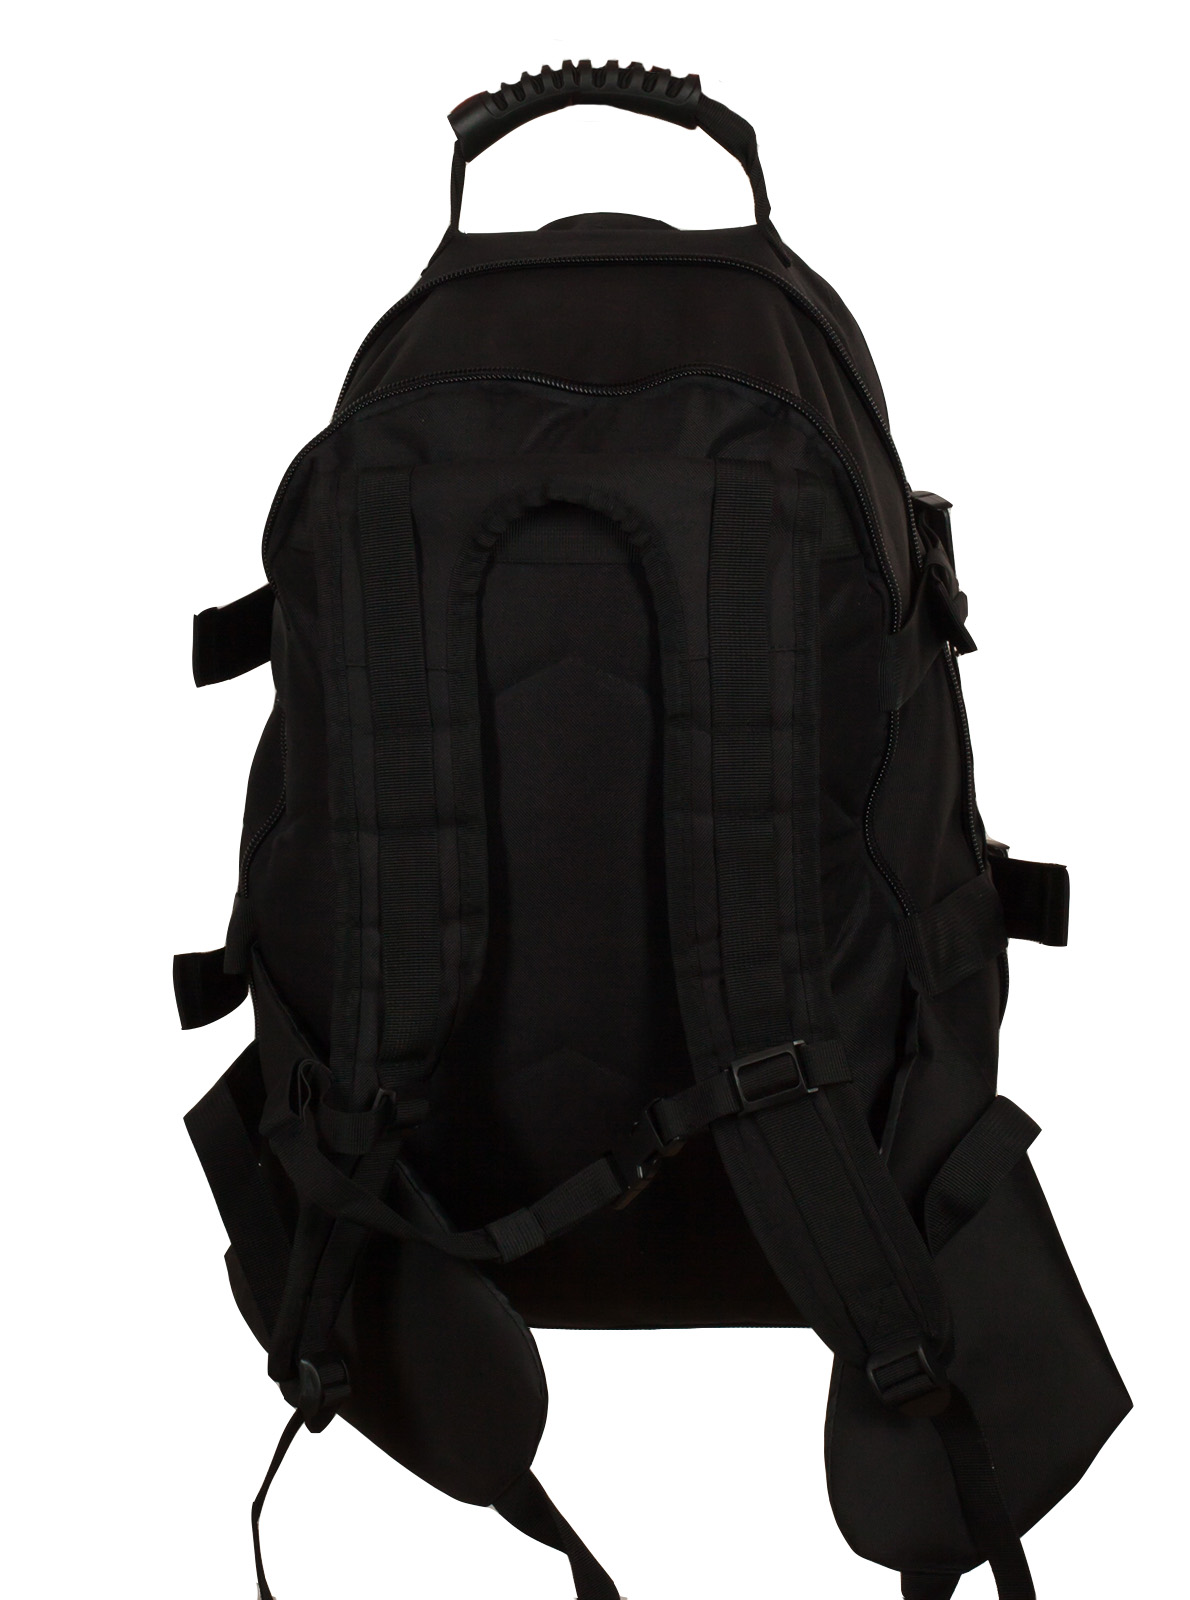 Тактический армейский рюкзак с нашивкой ДПС - купить по низкой цене